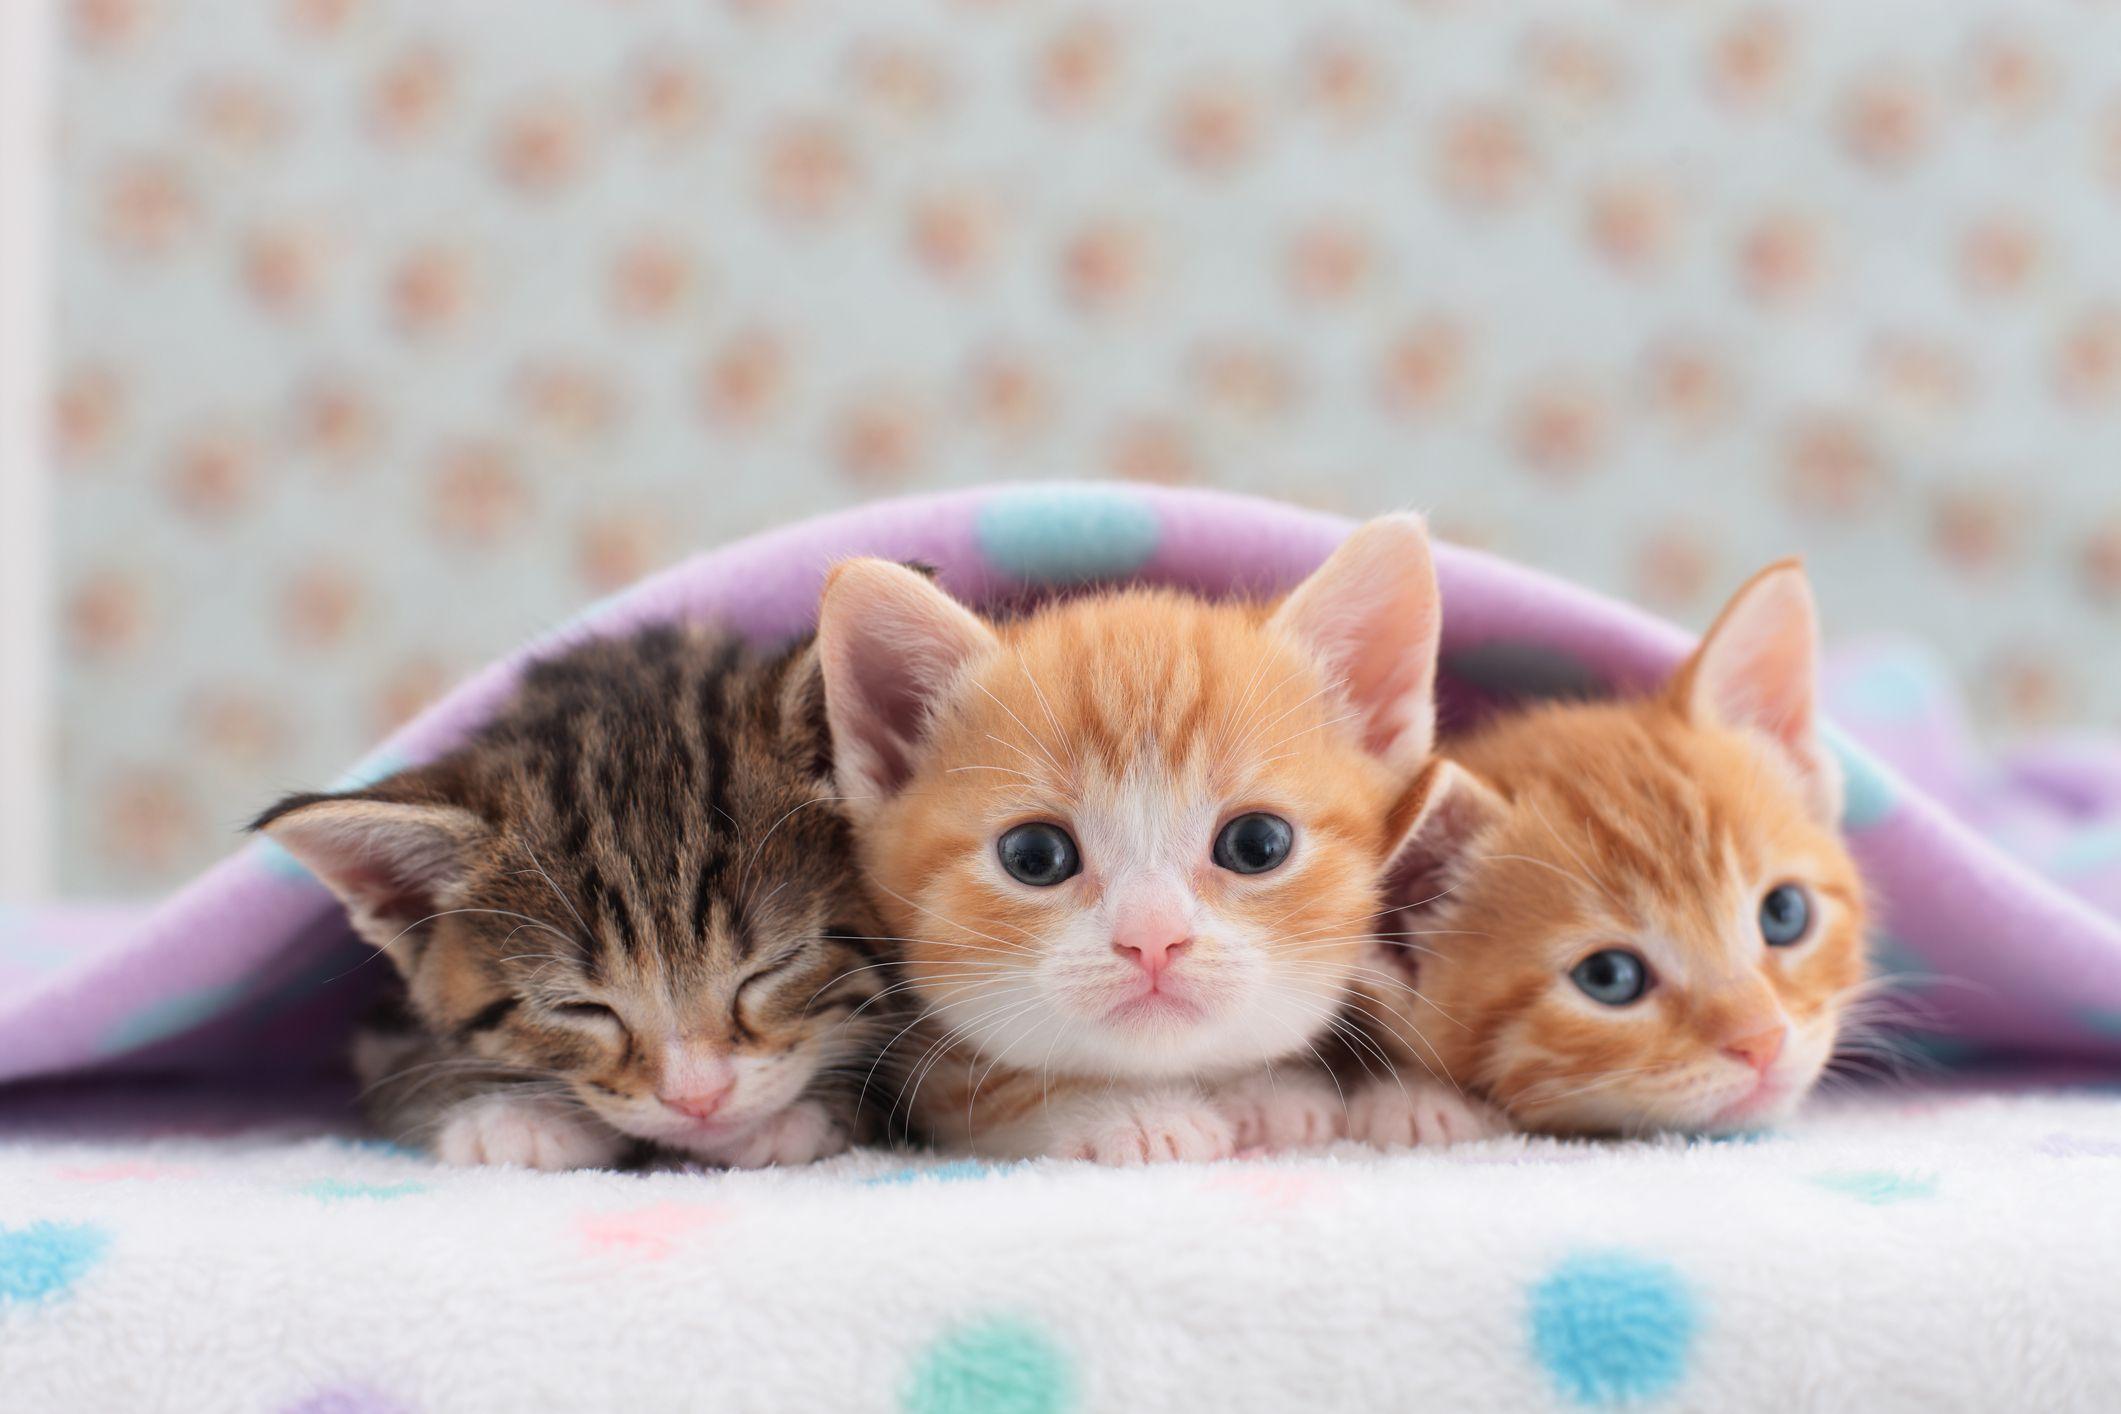 free photo cute kitten kitten cute cat free download jooinn